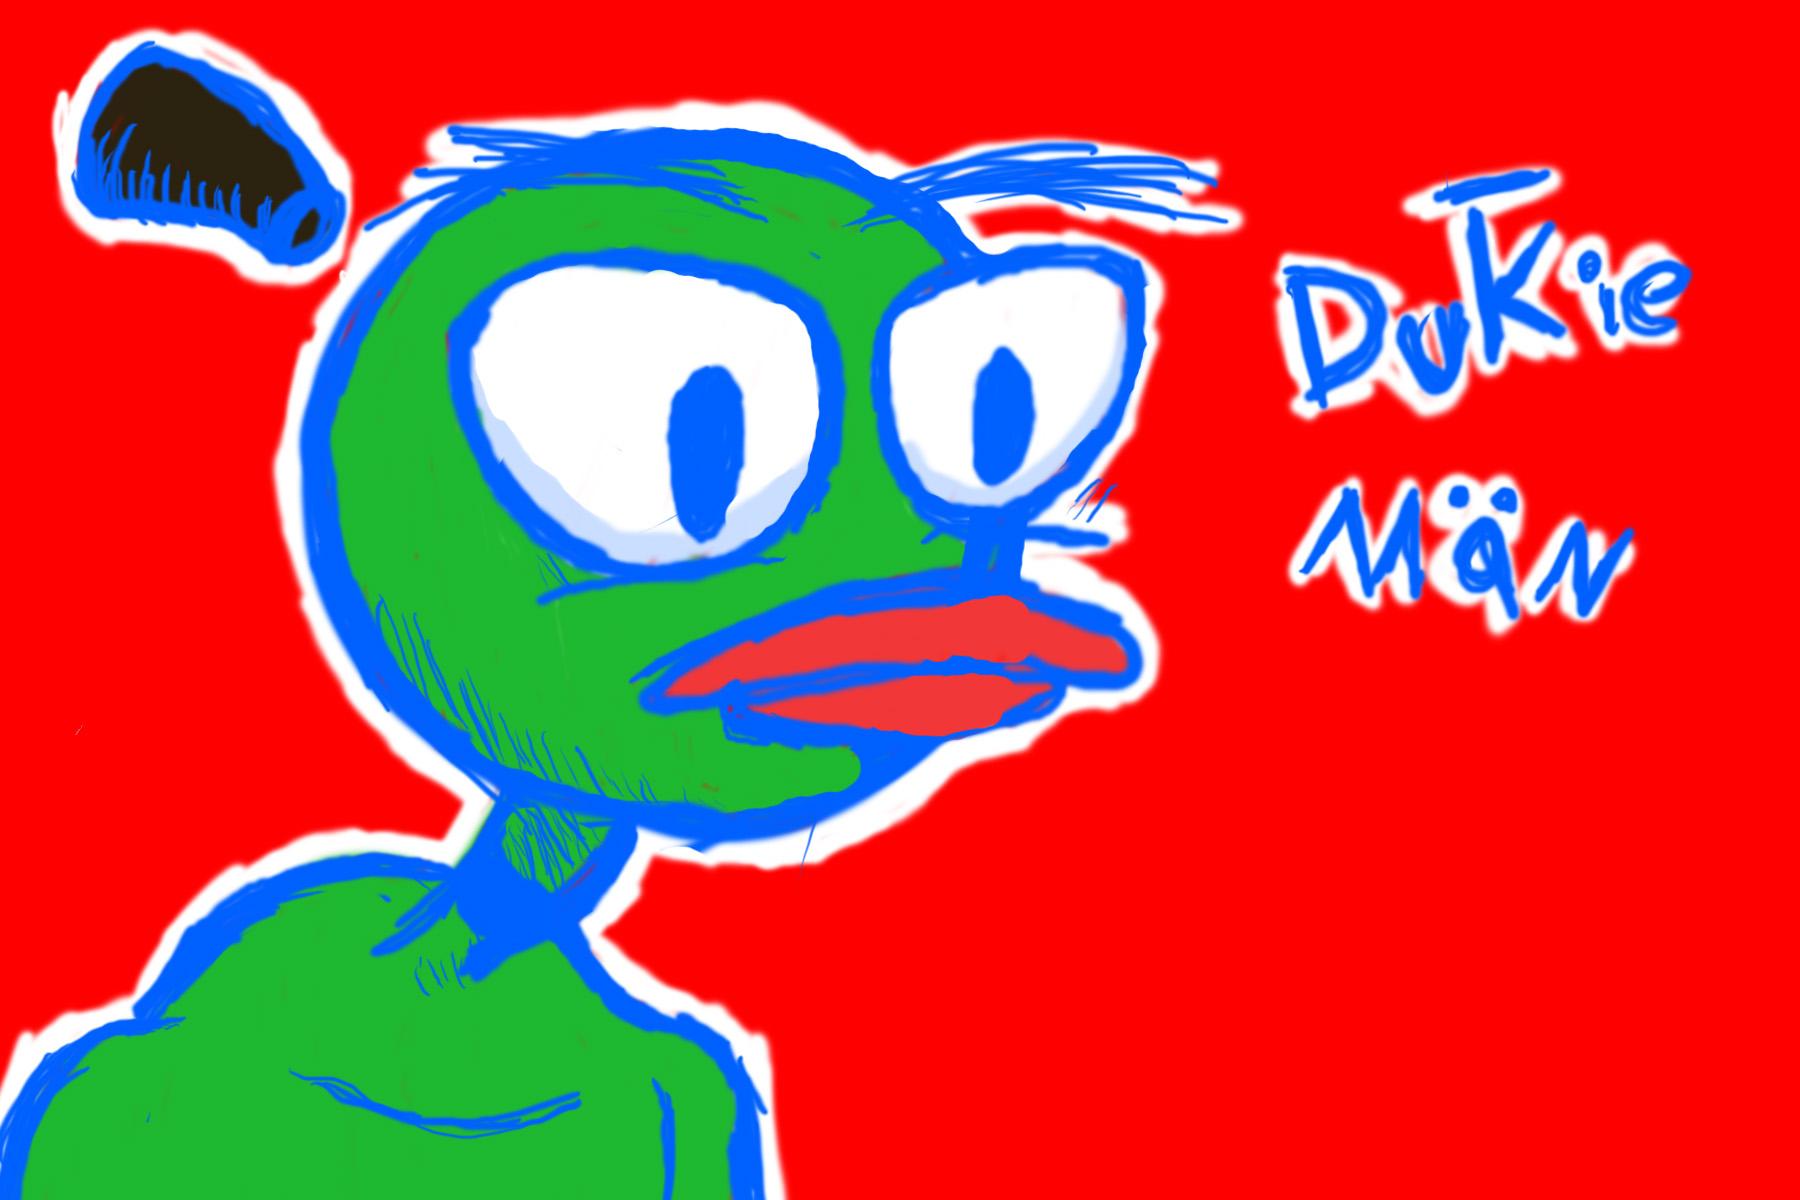 Dukie Man